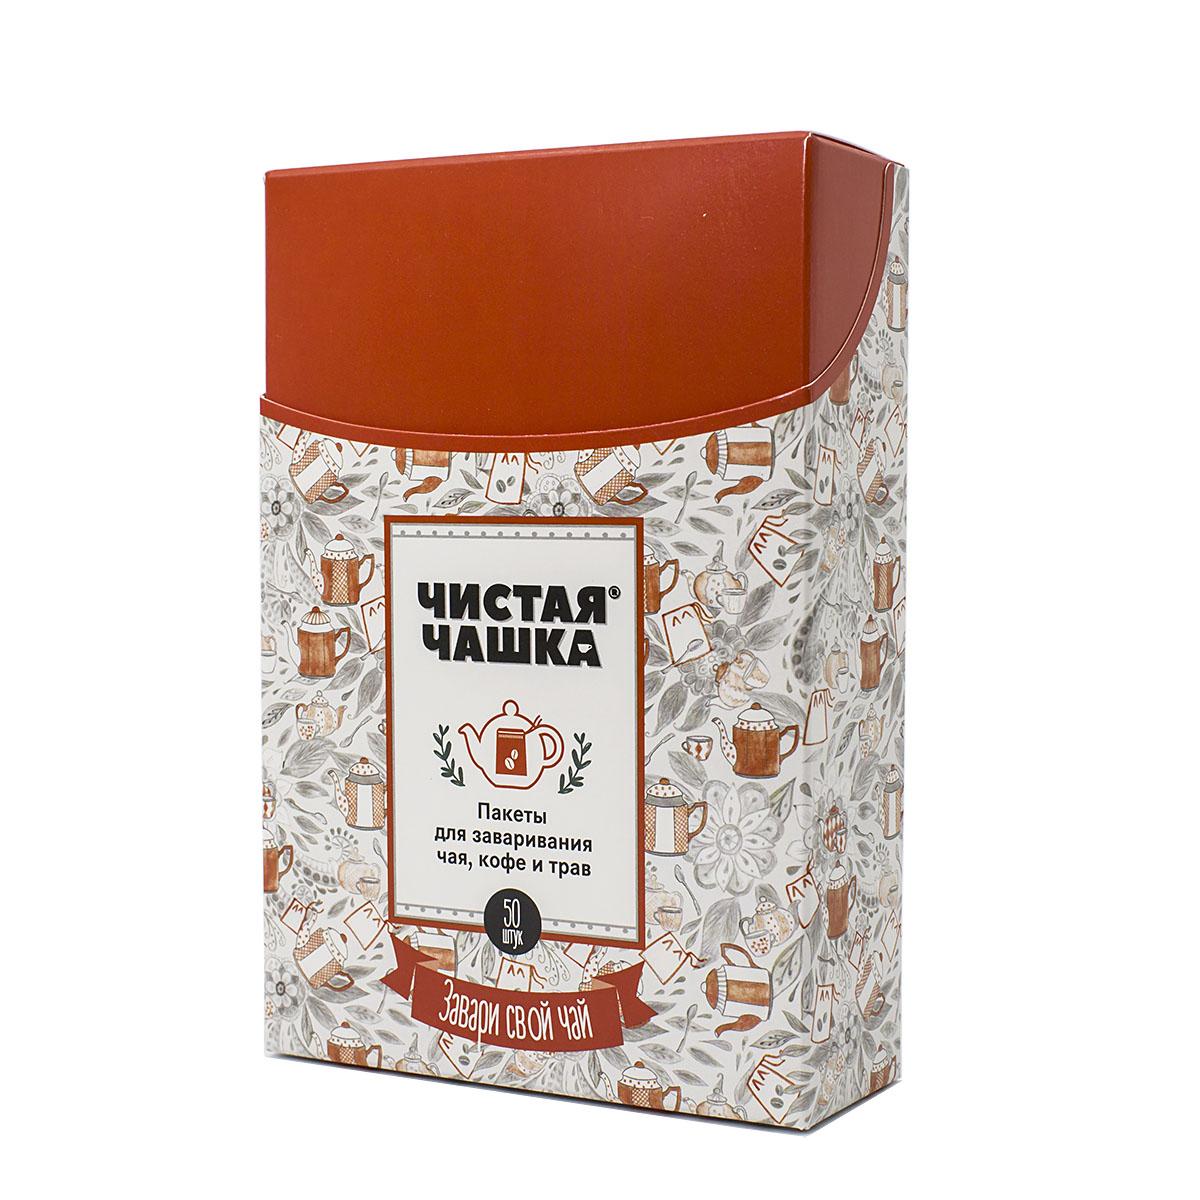 """Фильтр-пакеты для заваривания чая, кофе, трав """"Чистая чашка"""", 10х13 см, 50 шт"""